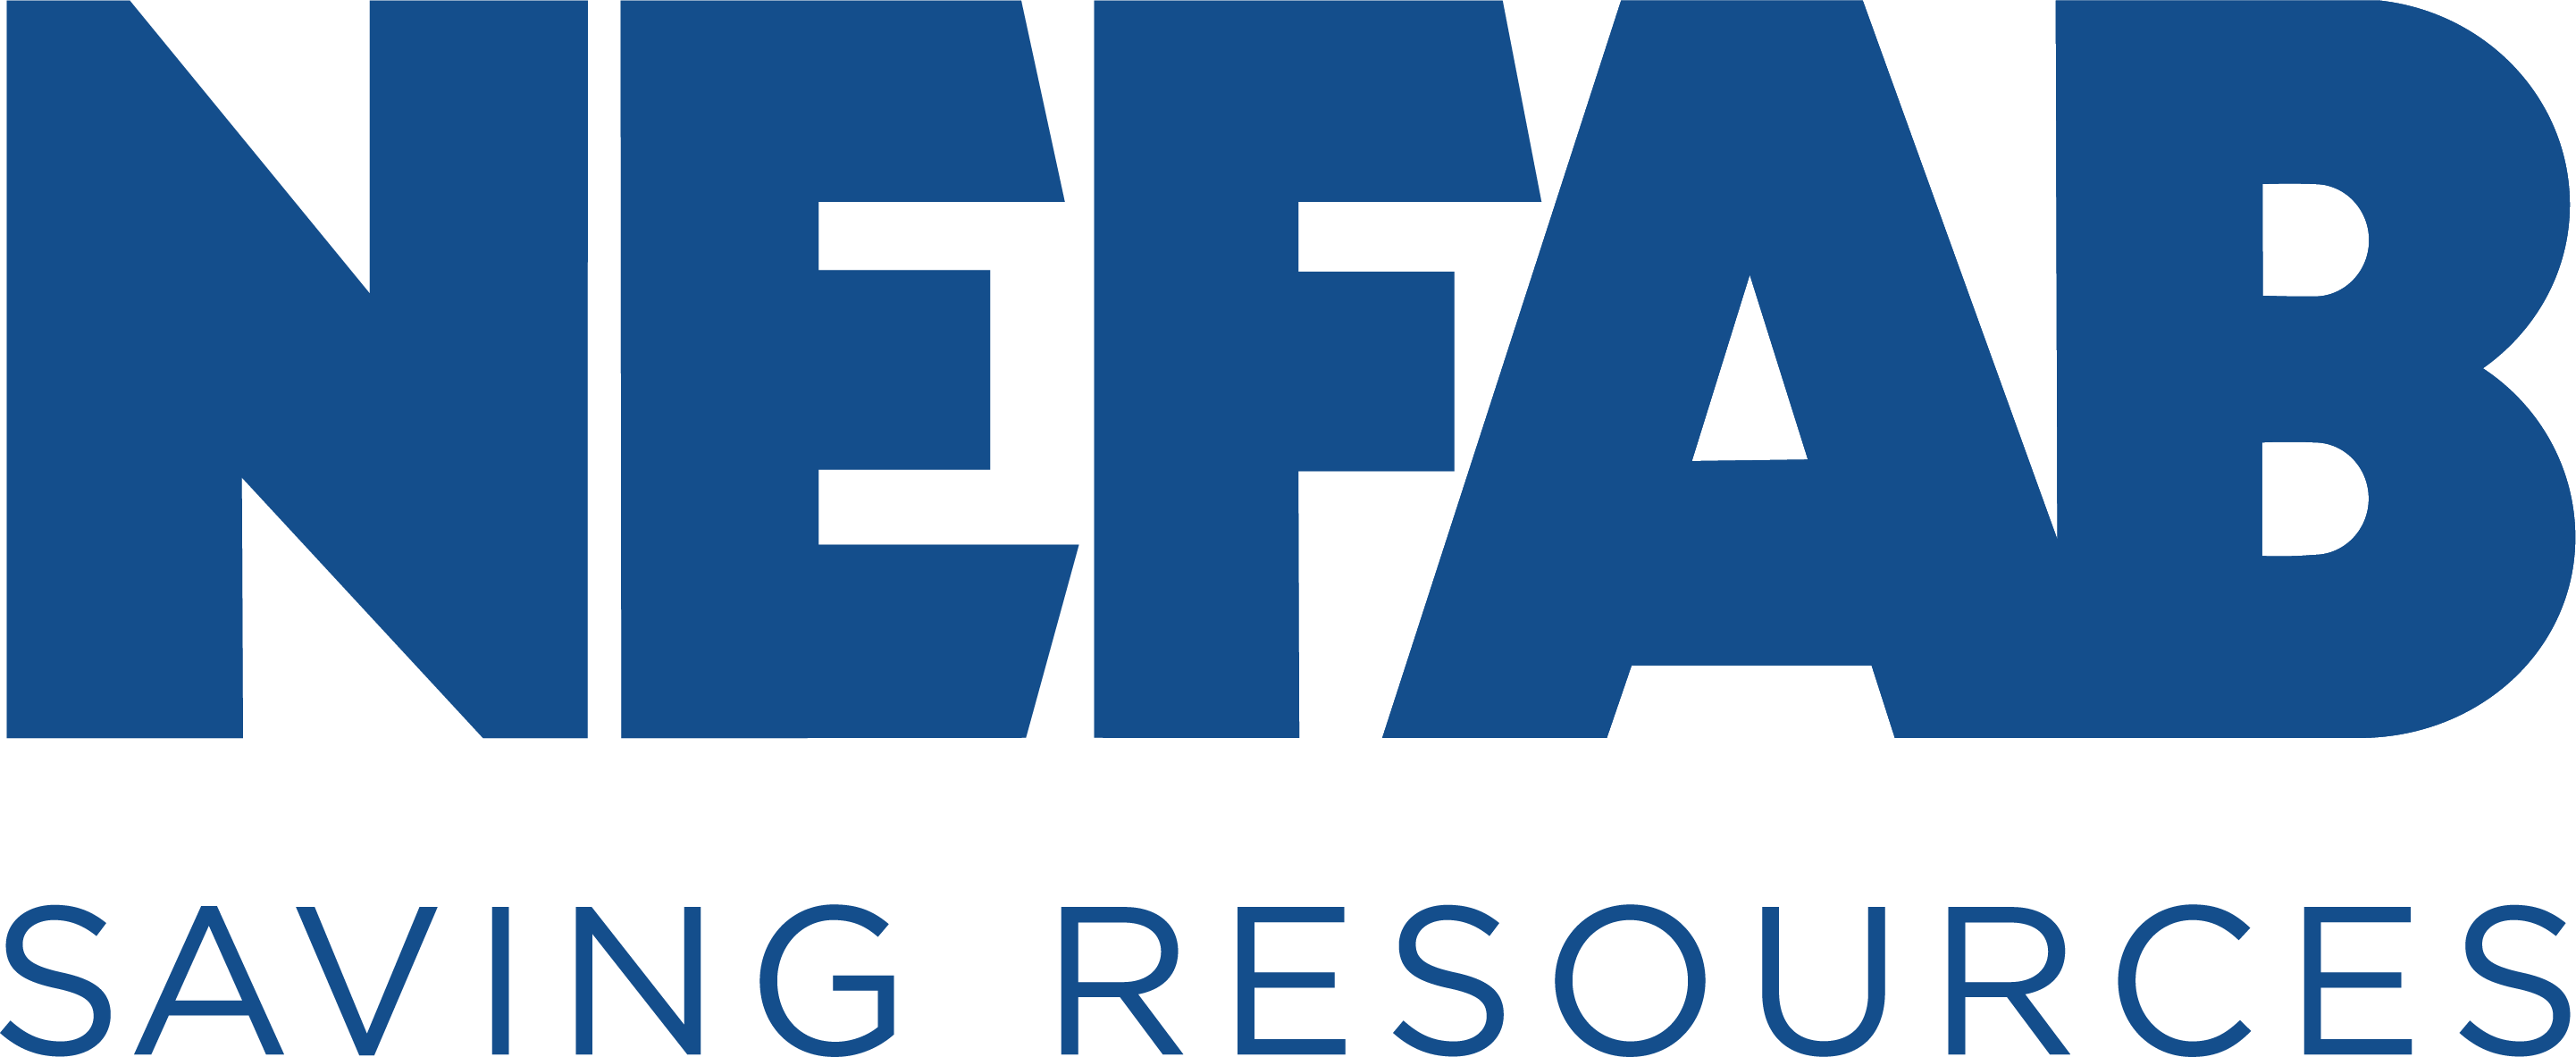 NEFAB_savingresources_blue_RGB_large